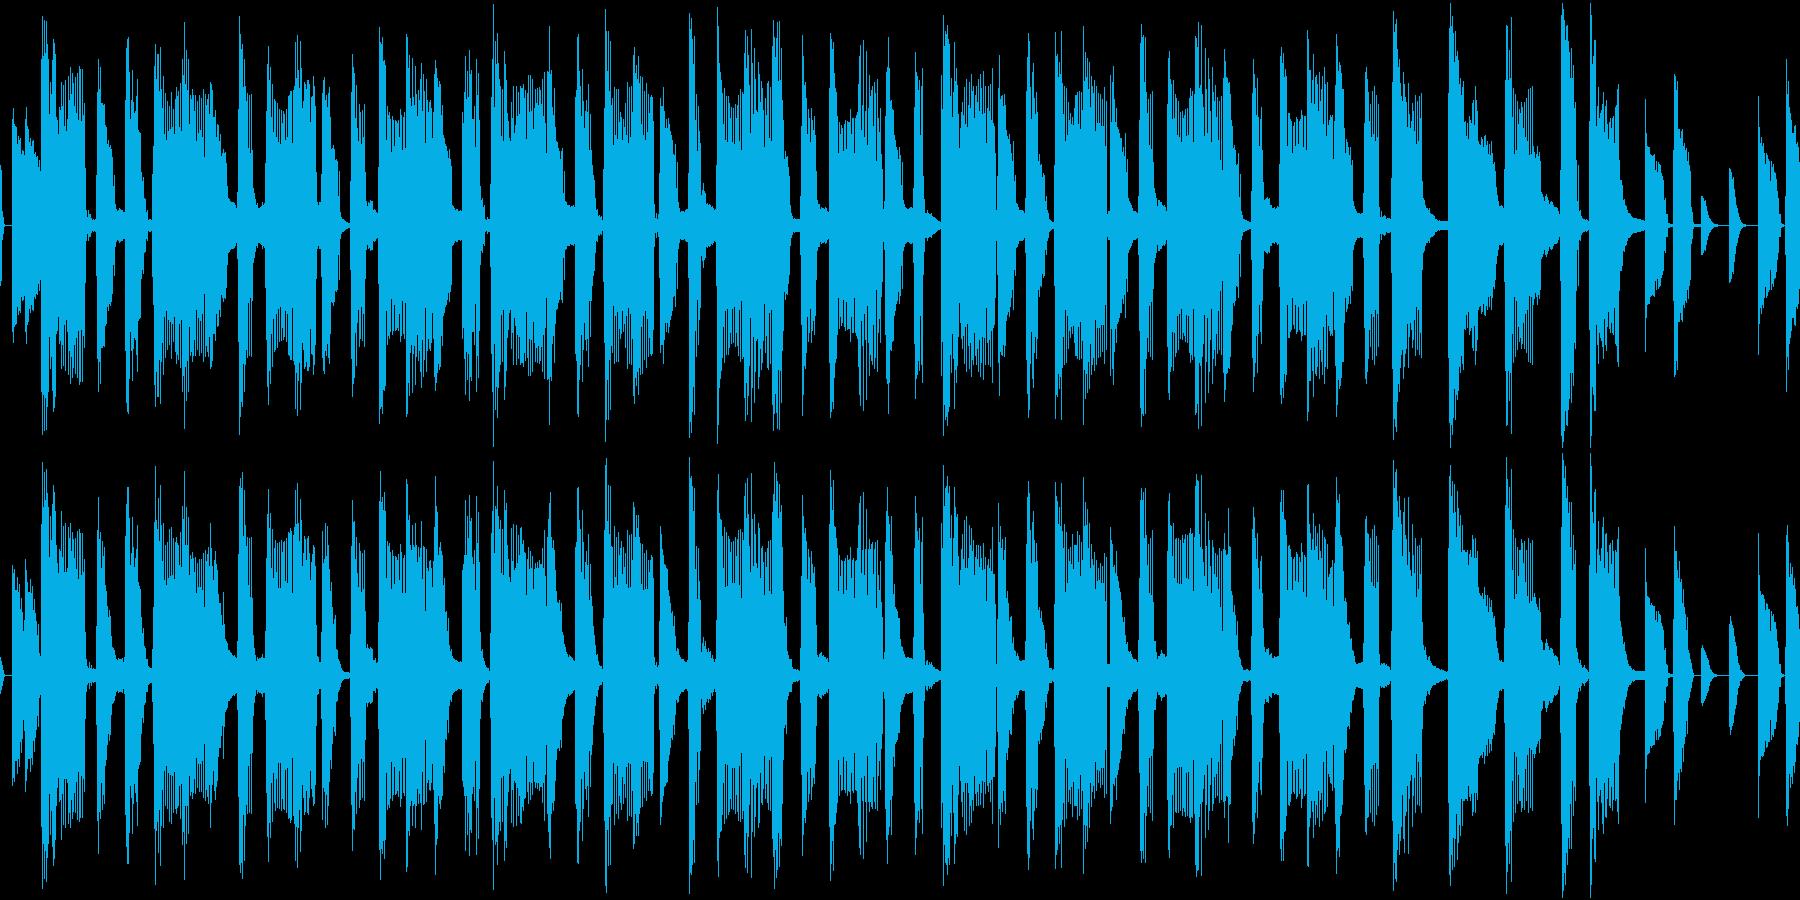 軽快なオープニング用ピコピコループの再生済みの波形